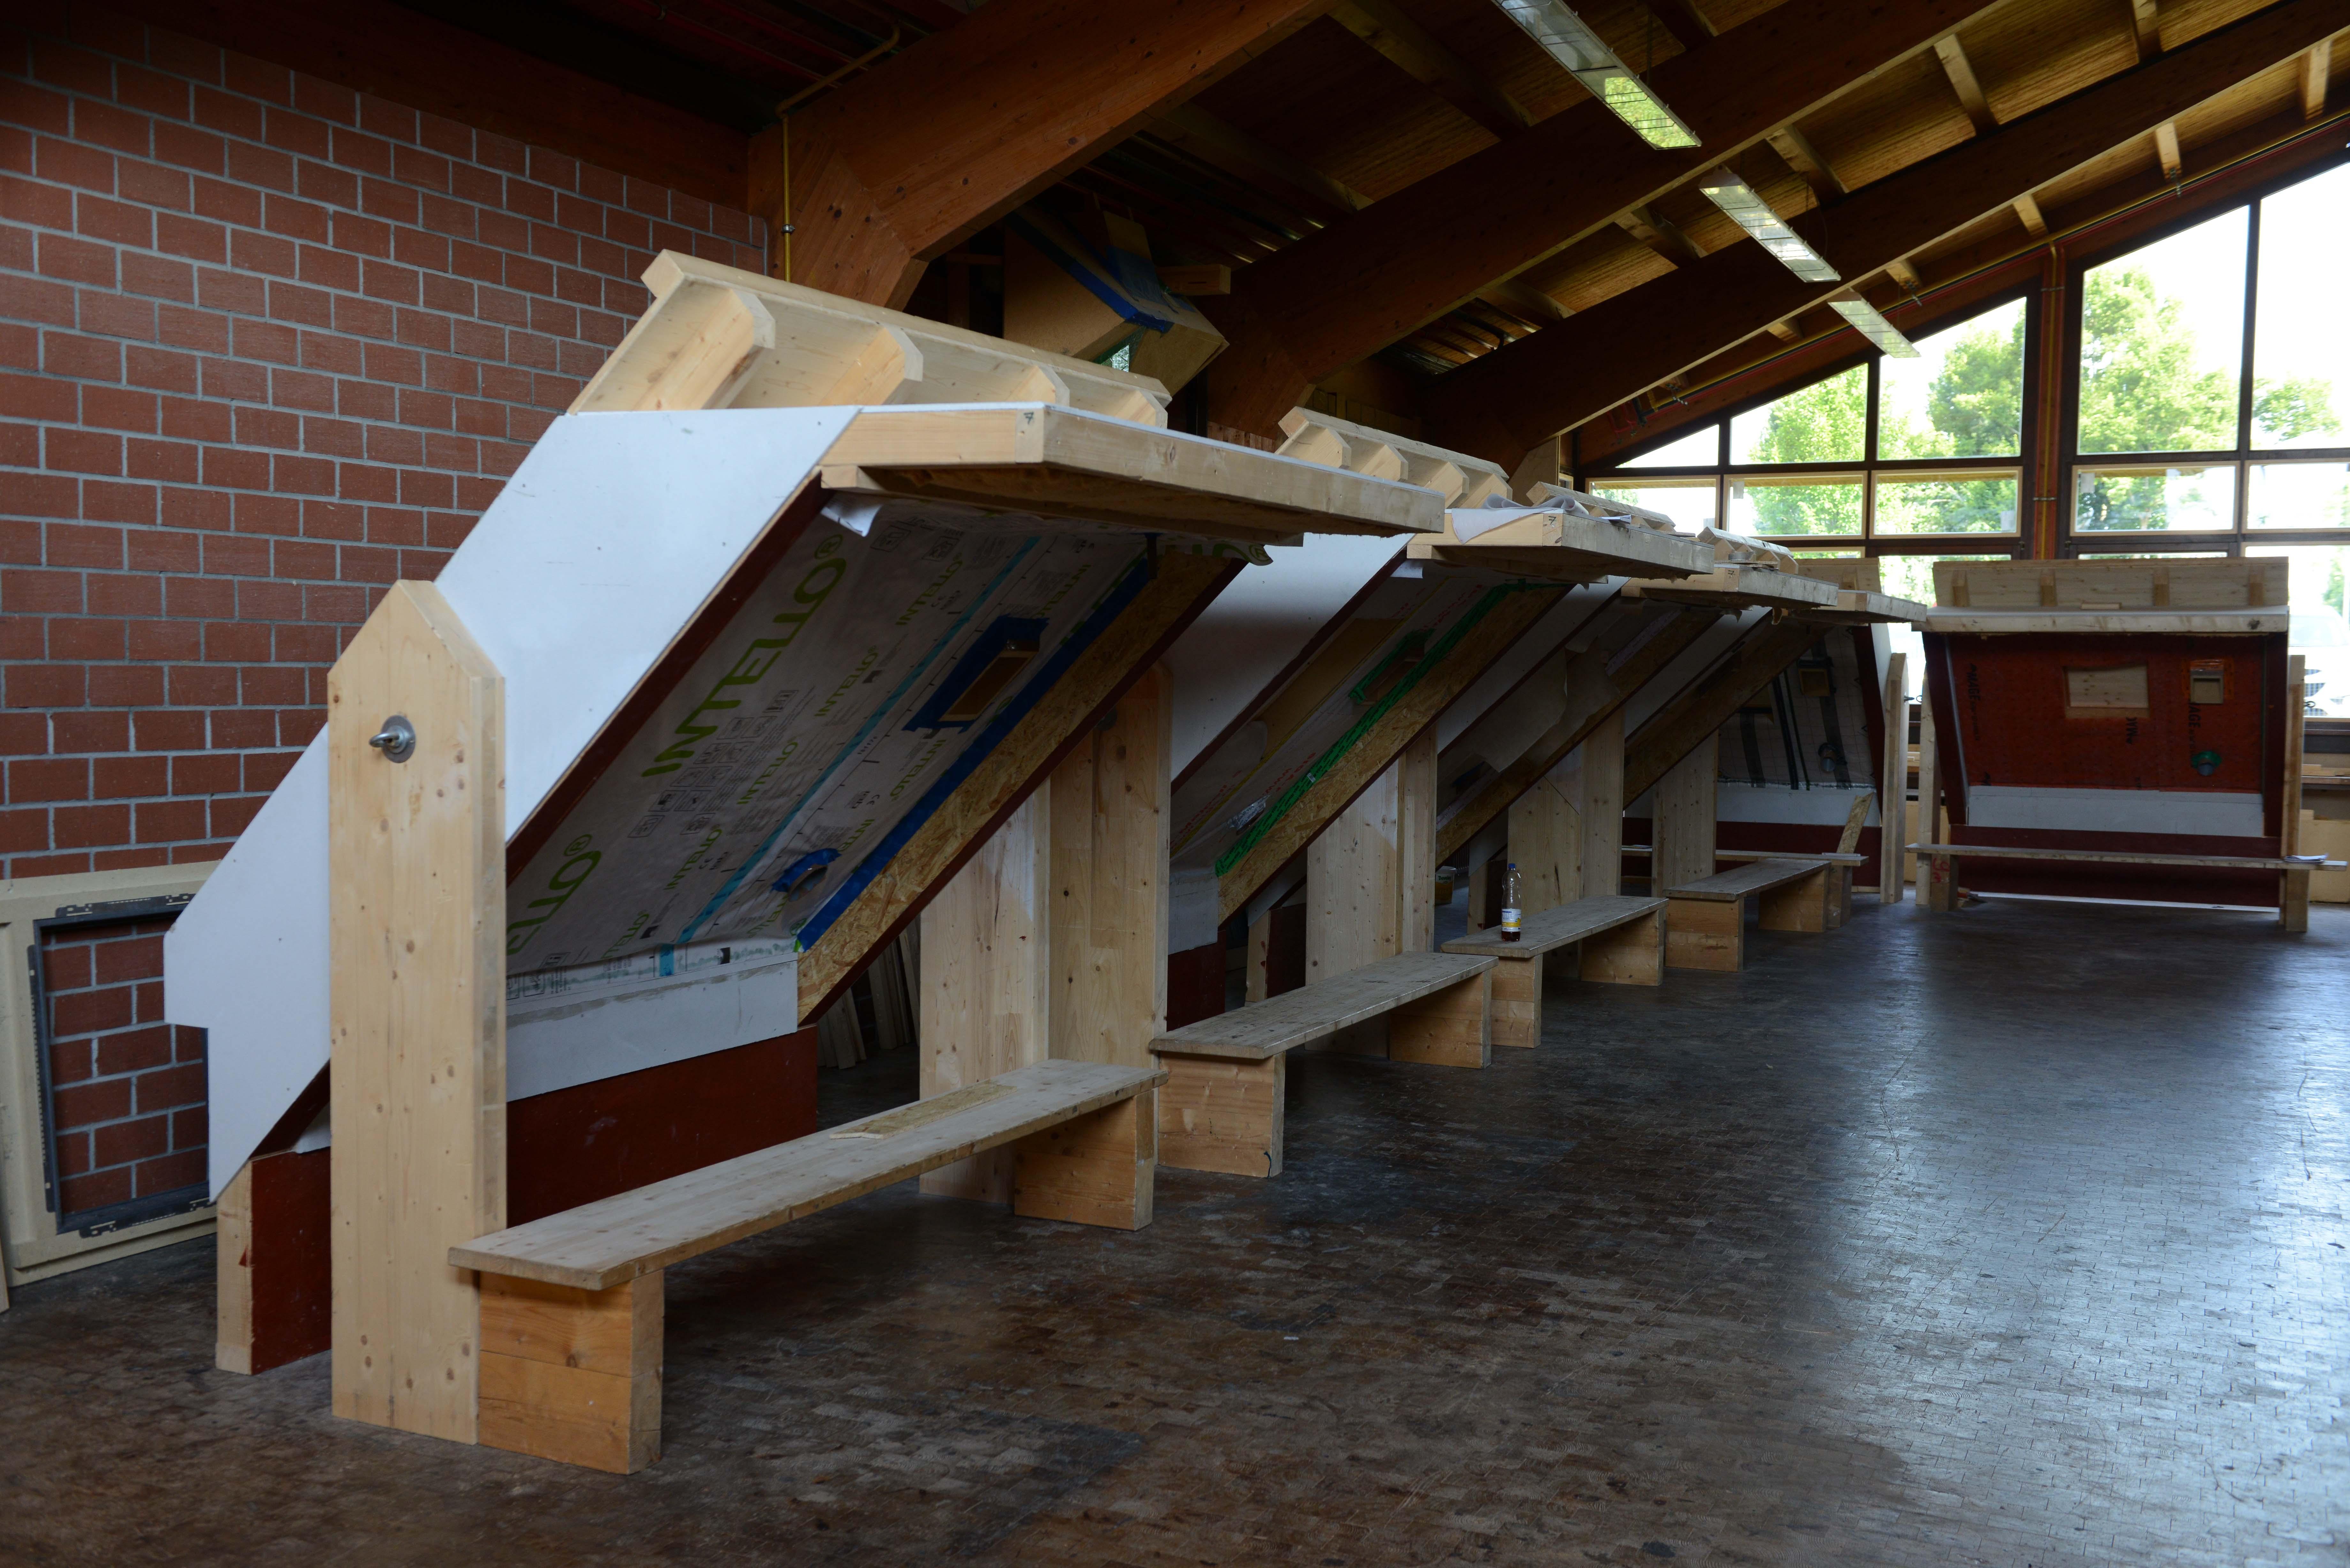 ausbildung im bildungszentrum holzbau in biberach pro clima deutschland das blog. Black Bedroom Furniture Sets. Home Design Ideas